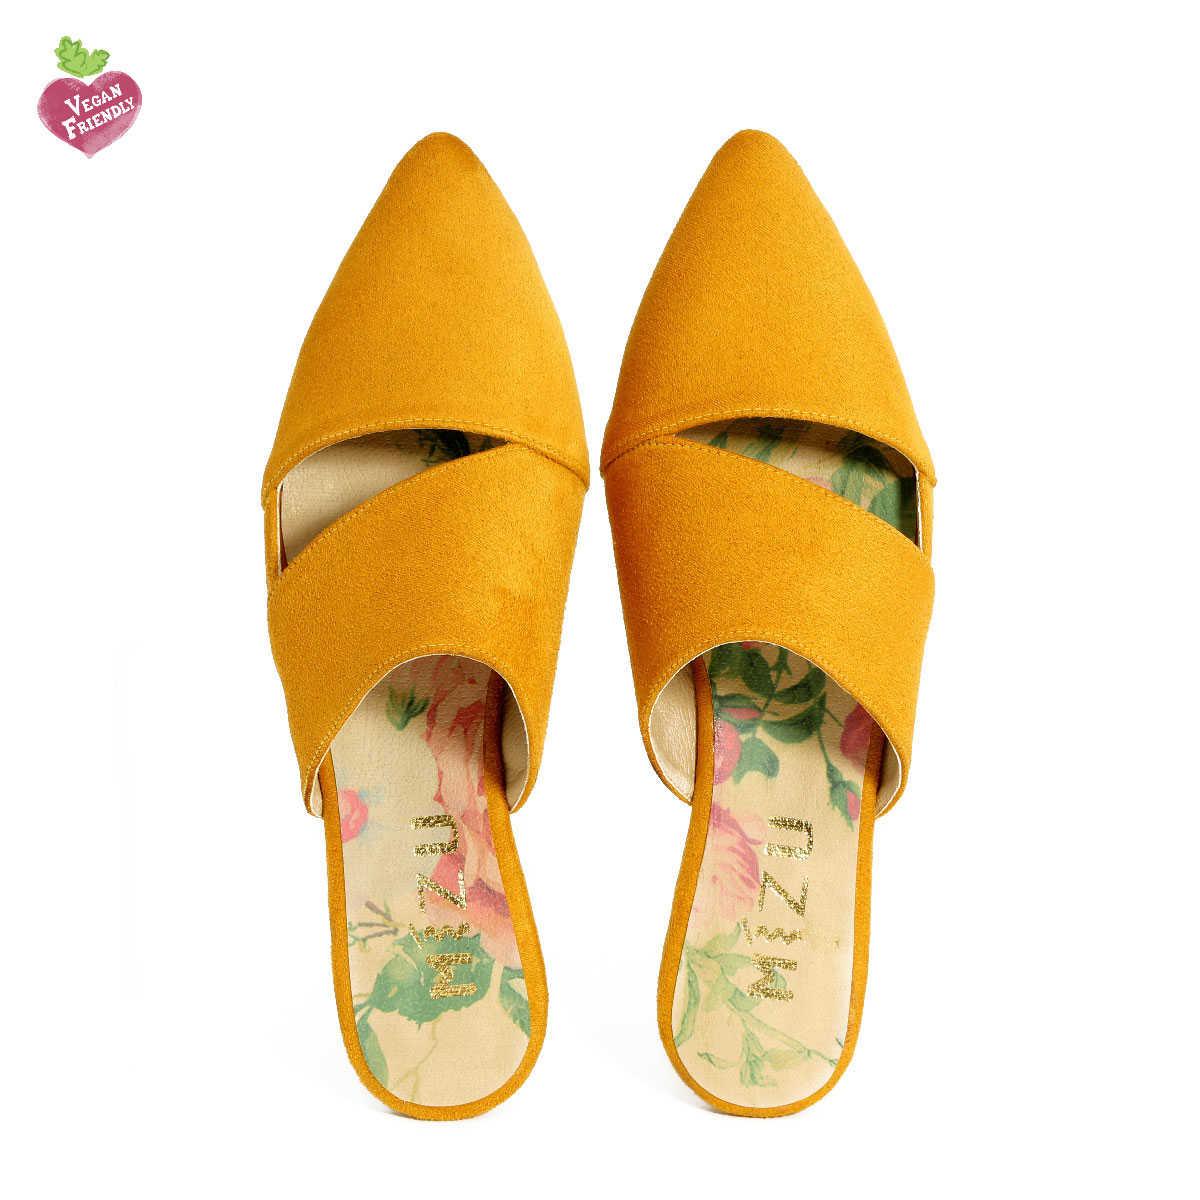 דגם ניב: כפכפים טבעוניים בצבע צהוב